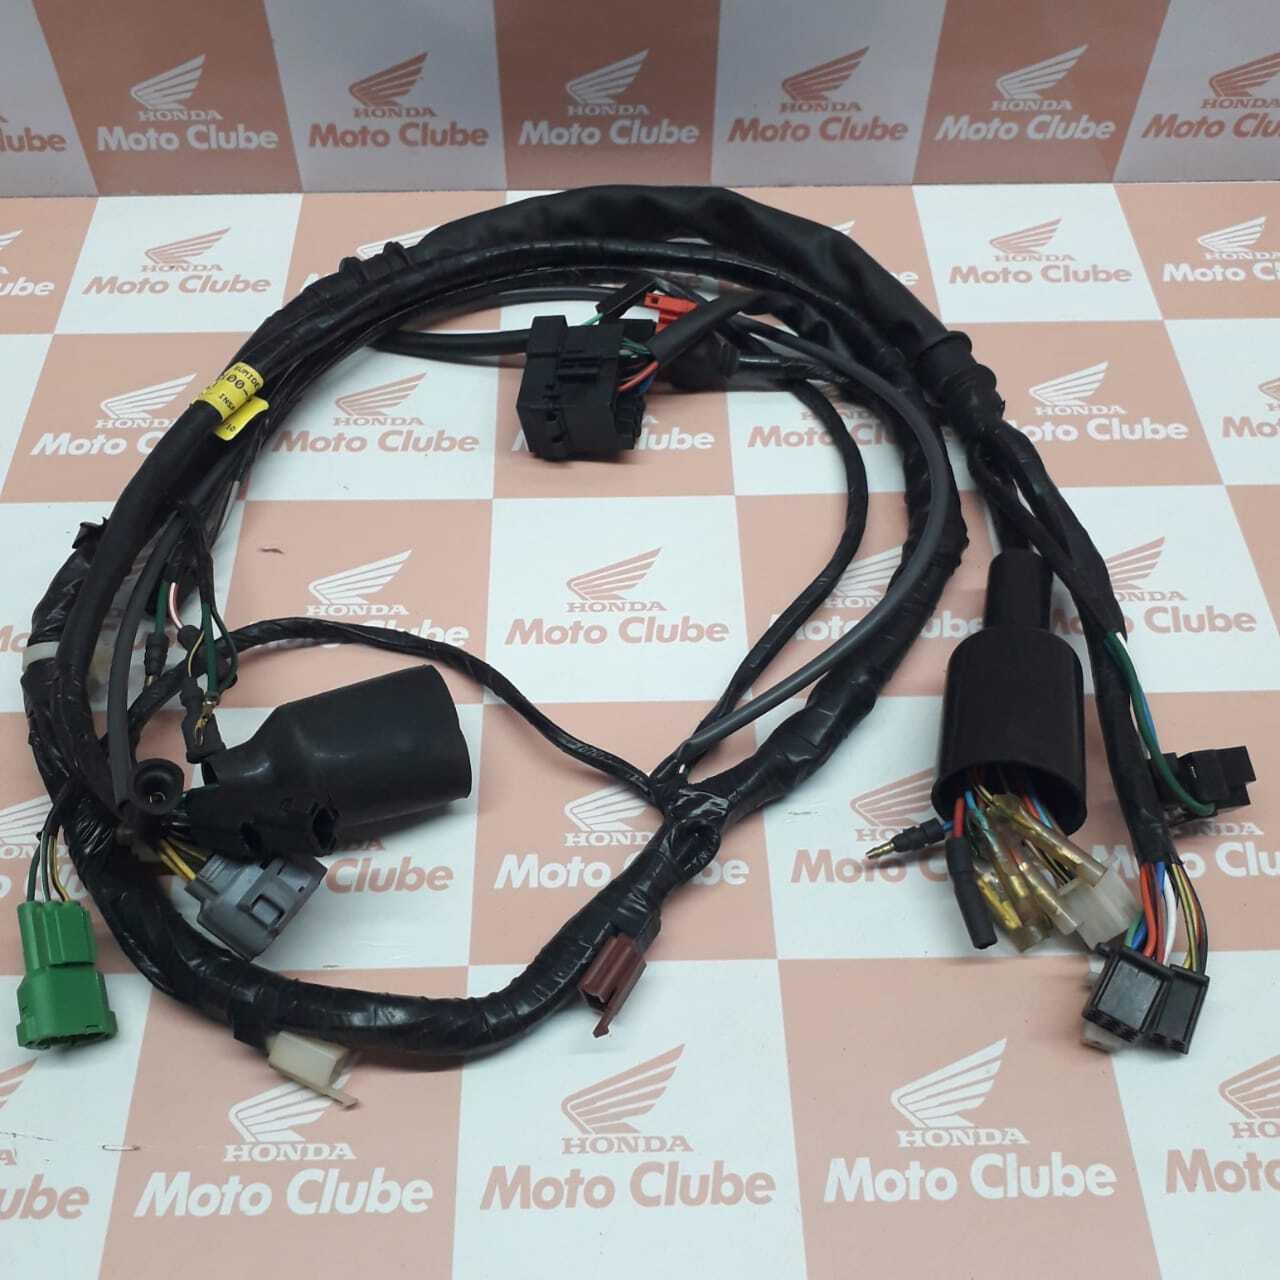 Fiação Principal Chicote FALCON 400 2000 2001 2002 2003 2004 2005 Original Honda 32100MCG940